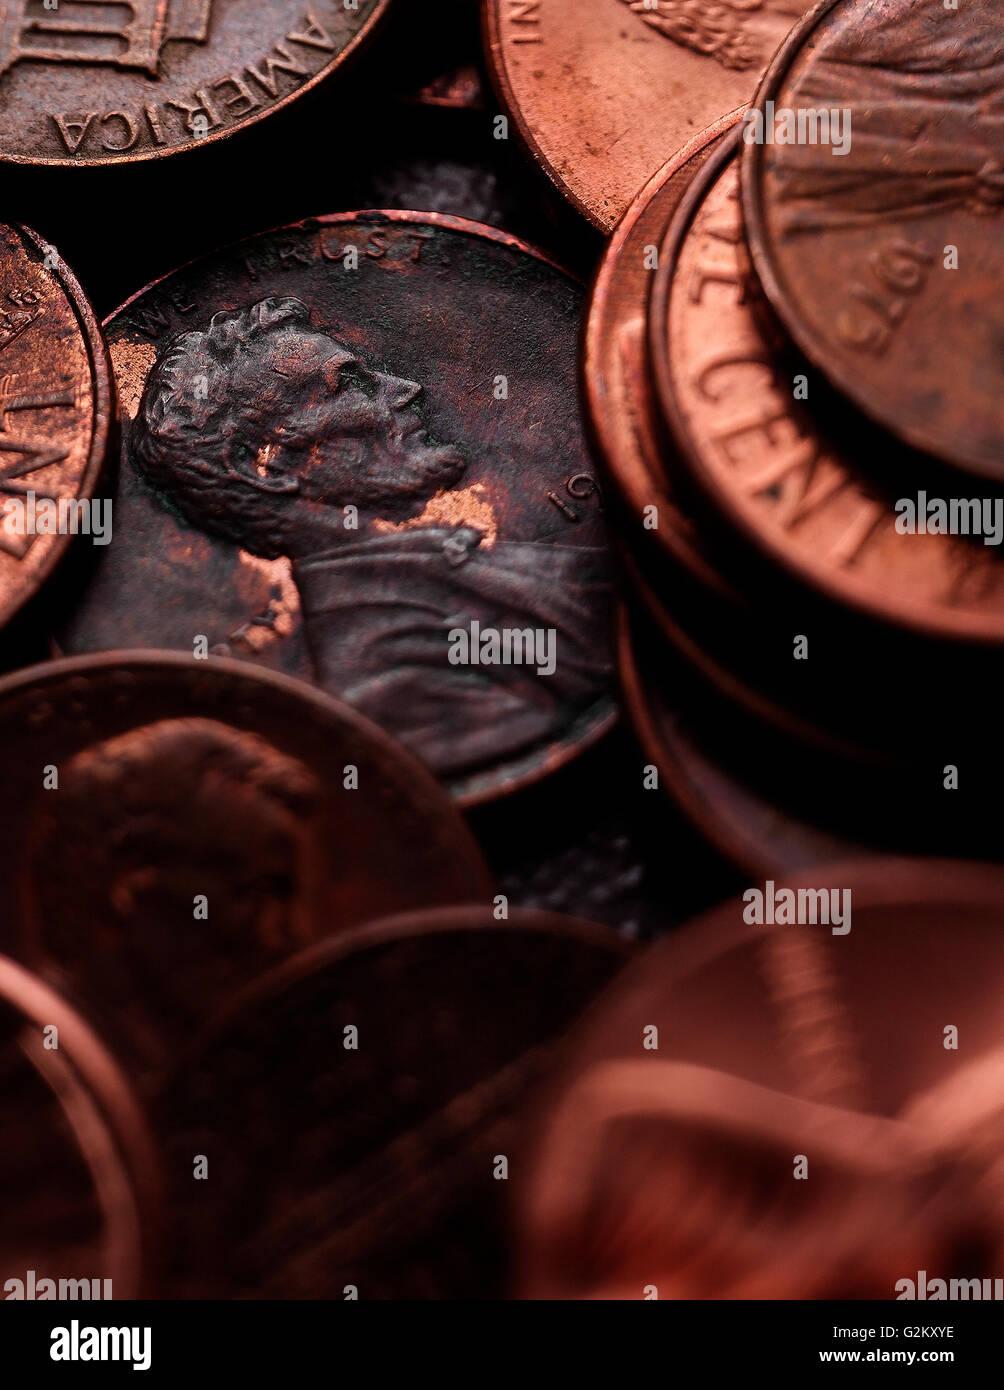 Pennies Close-up - Stock Image